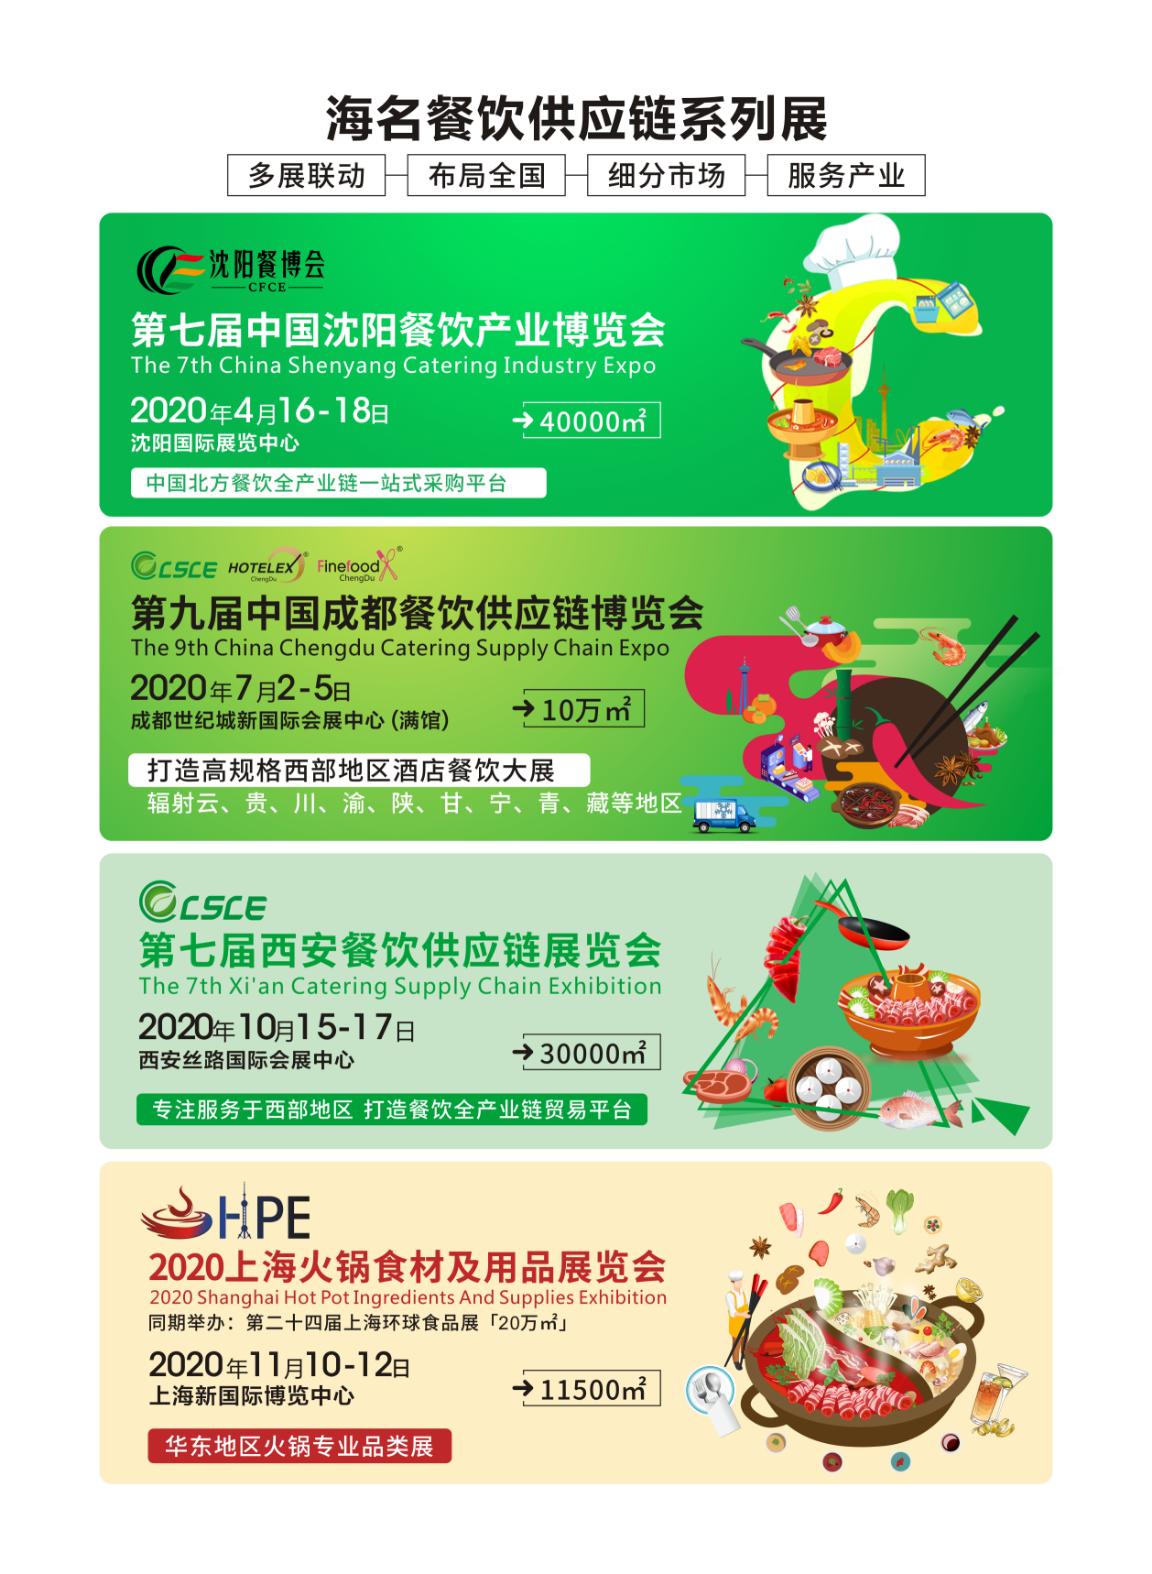 海名2020第七届西安餐饮供应链展览会 邀请函